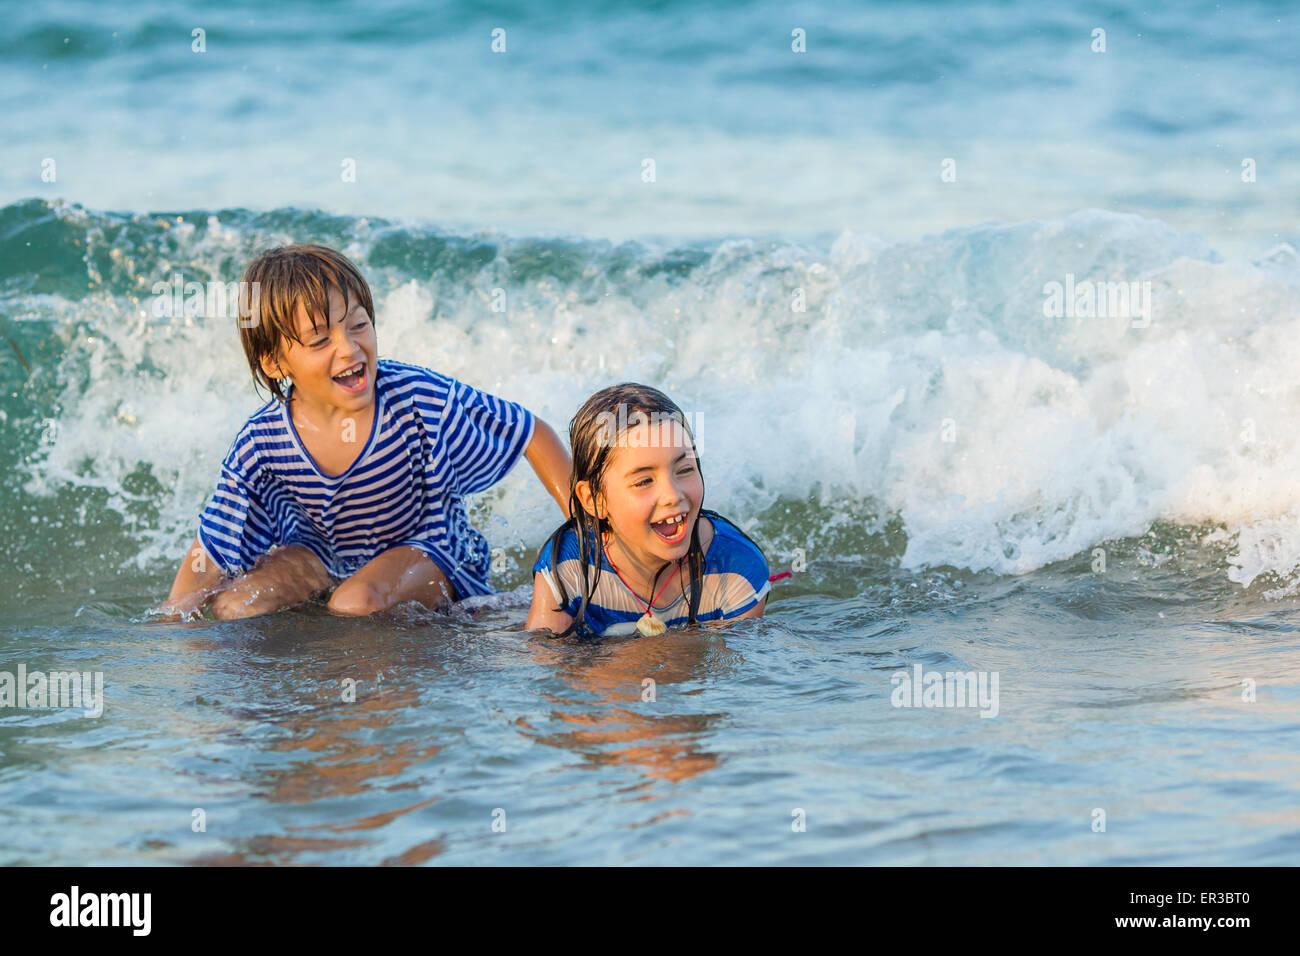 Deux enfants jouant dans la mer Photo Stock